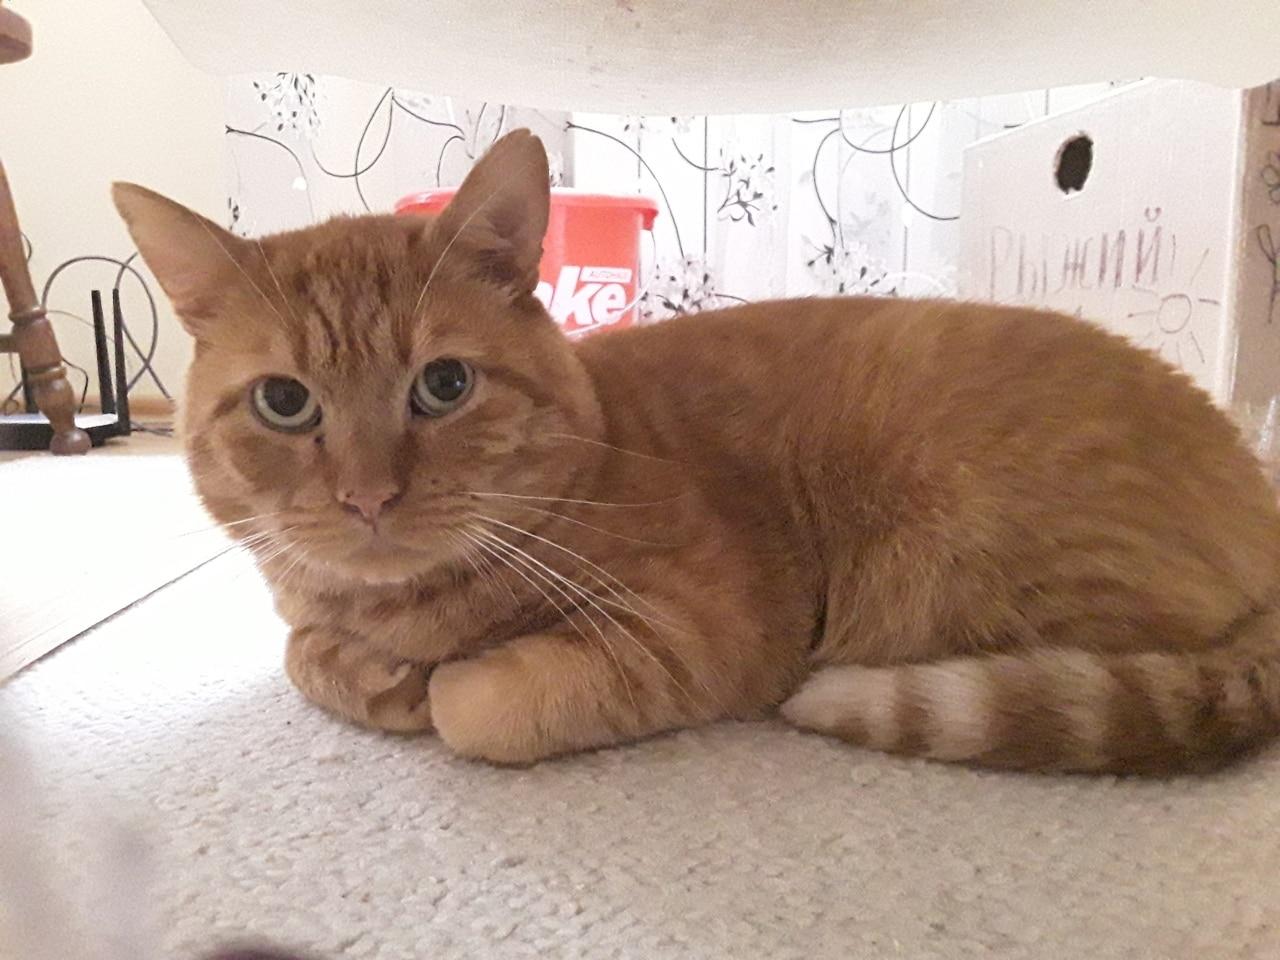 Кота выгнали на улицу и перестали кормить. Но ему встретилась семья, которая знала, что для счастья им нужно трое МУРлык! истории из жизни